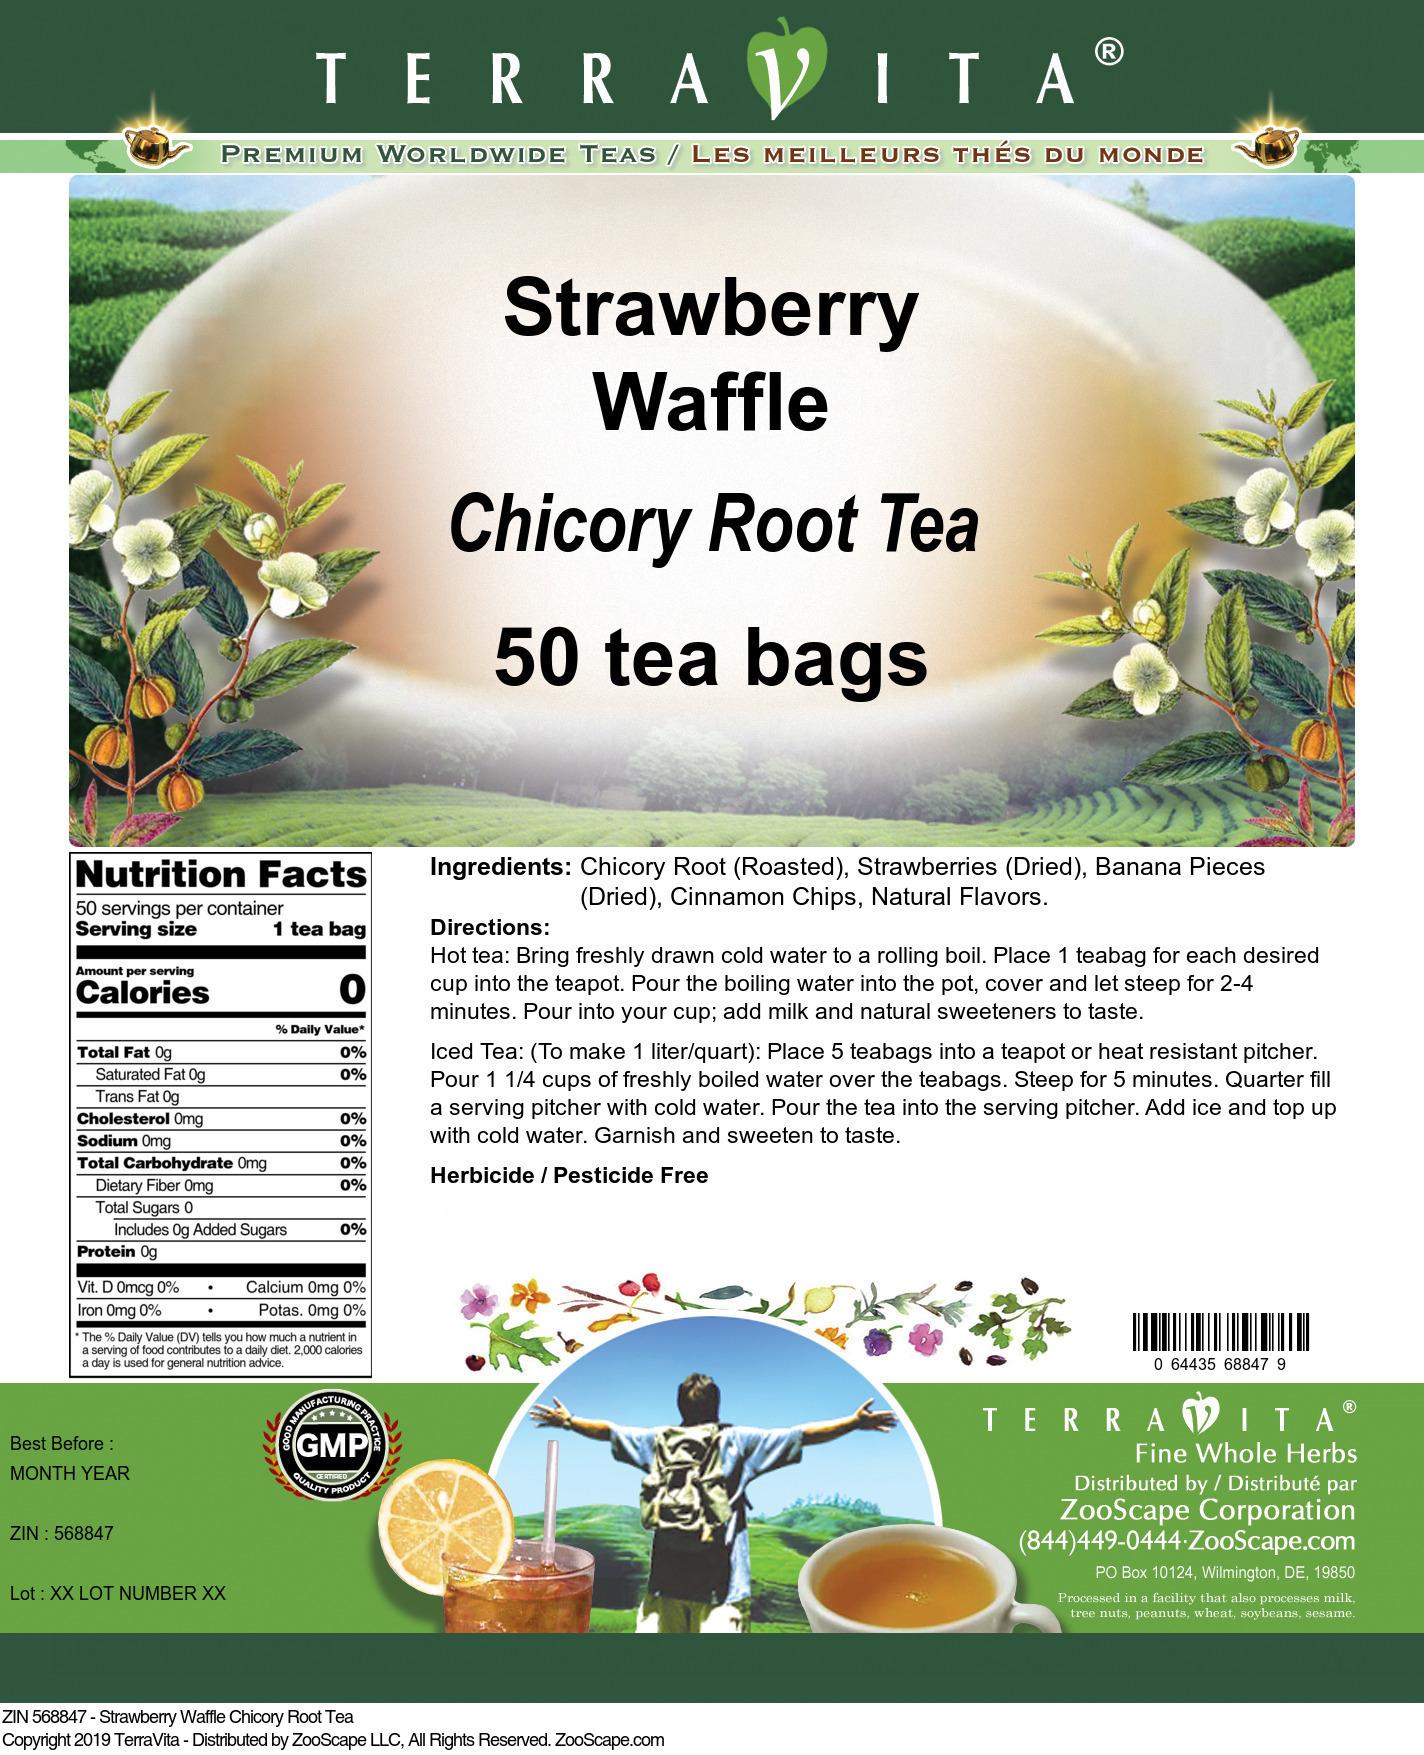 Strawberry Waffle Chicory Root